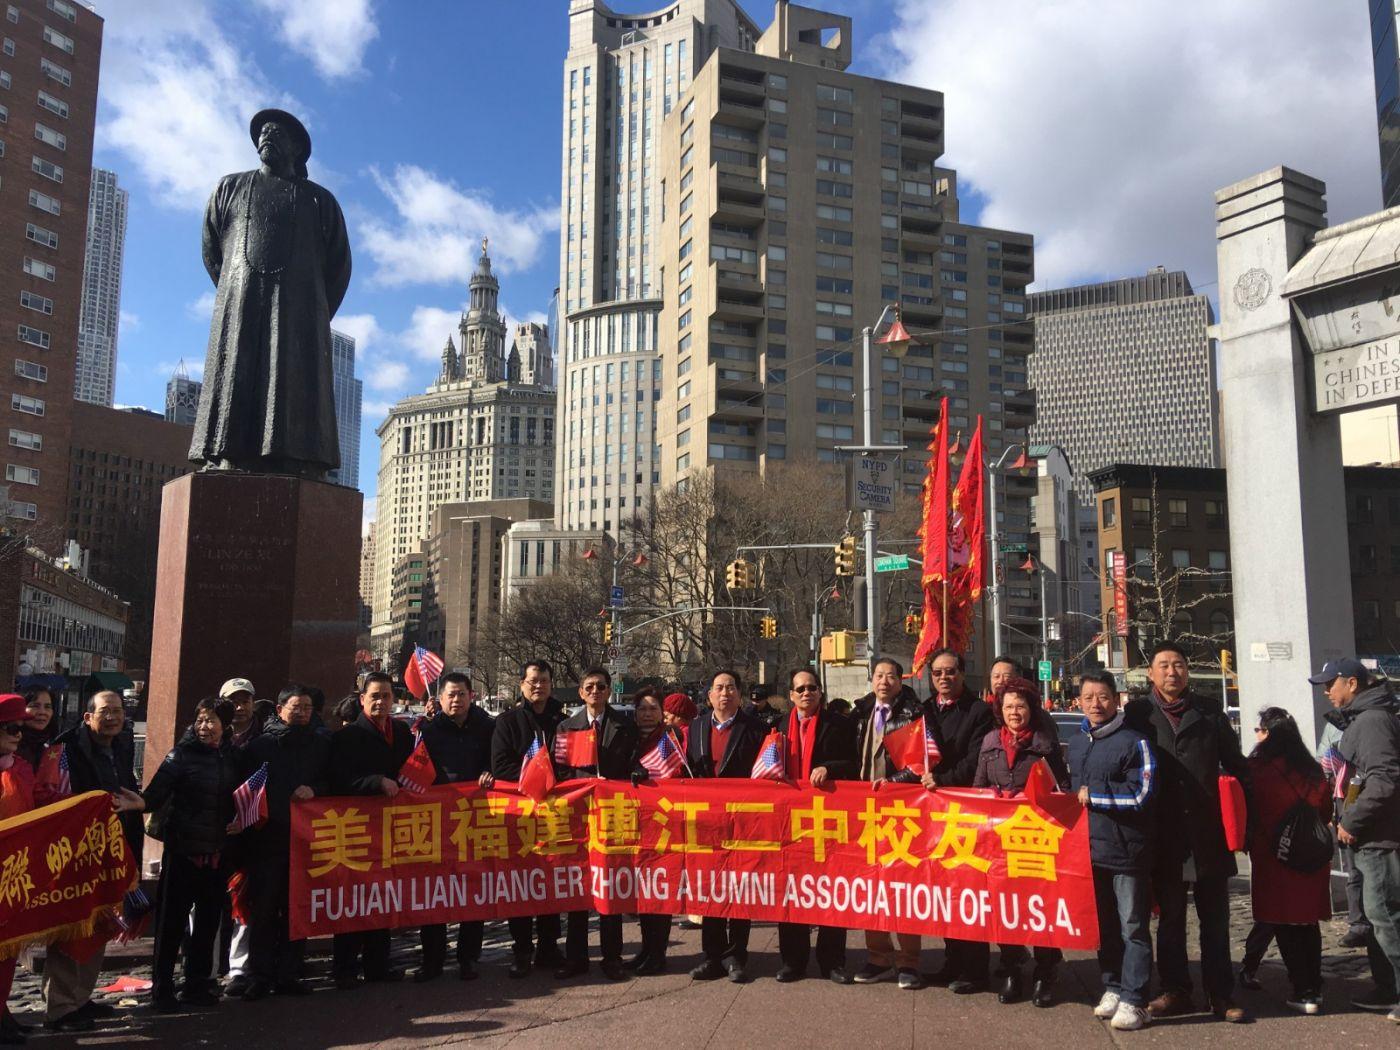 美东各界华人华侨第十七届元宵节庆祝活动在纽约举行_图1-19